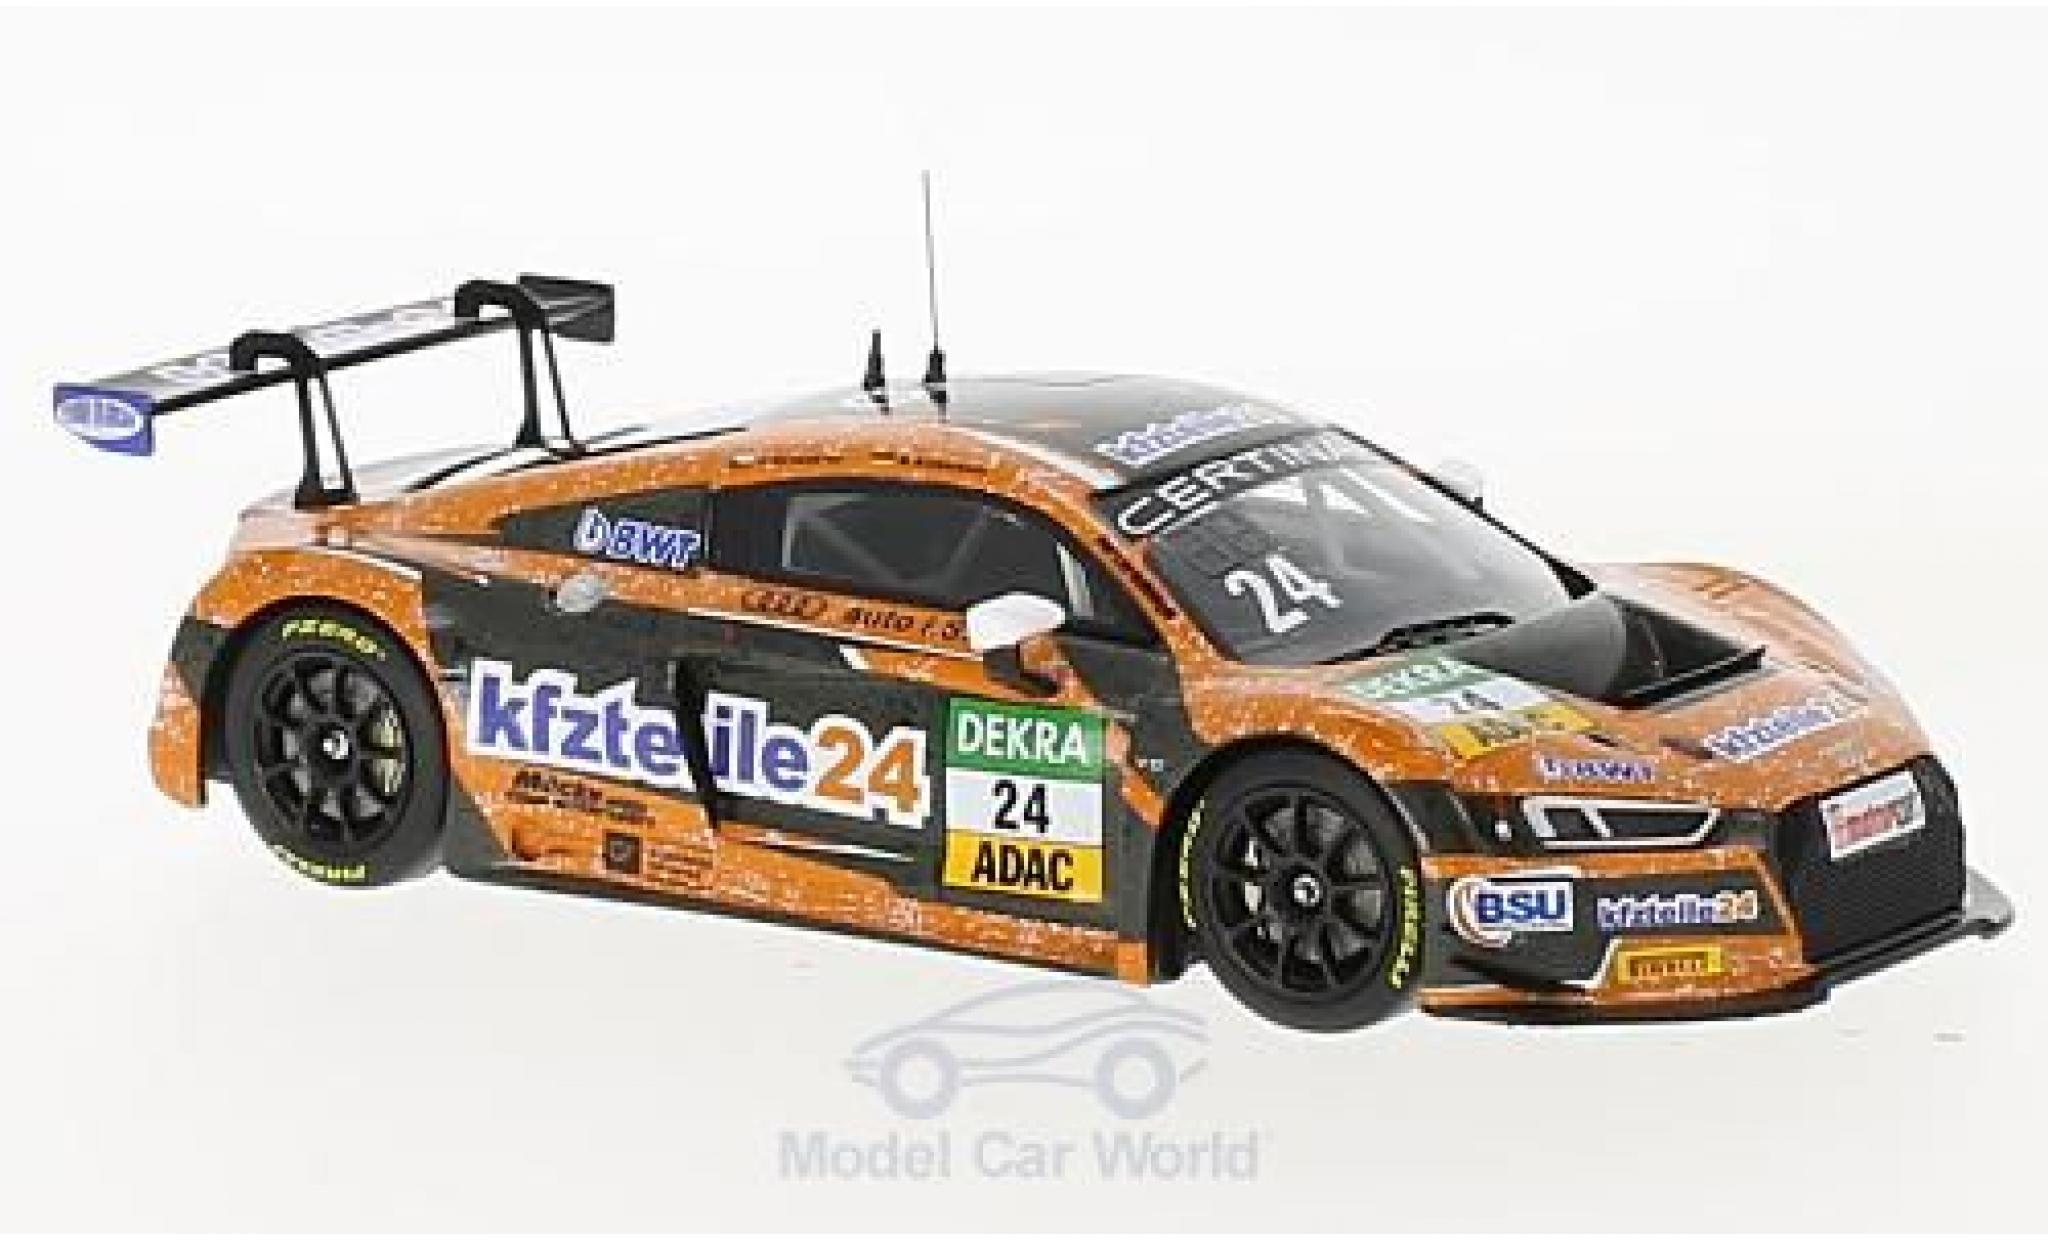 Audi R8 1/43 Minichamps LMS No.24 BWT Mücke Motorsport Kfzteile24 ADAC GT Masters 2017 F.Salaquarda/M.Winkelhock